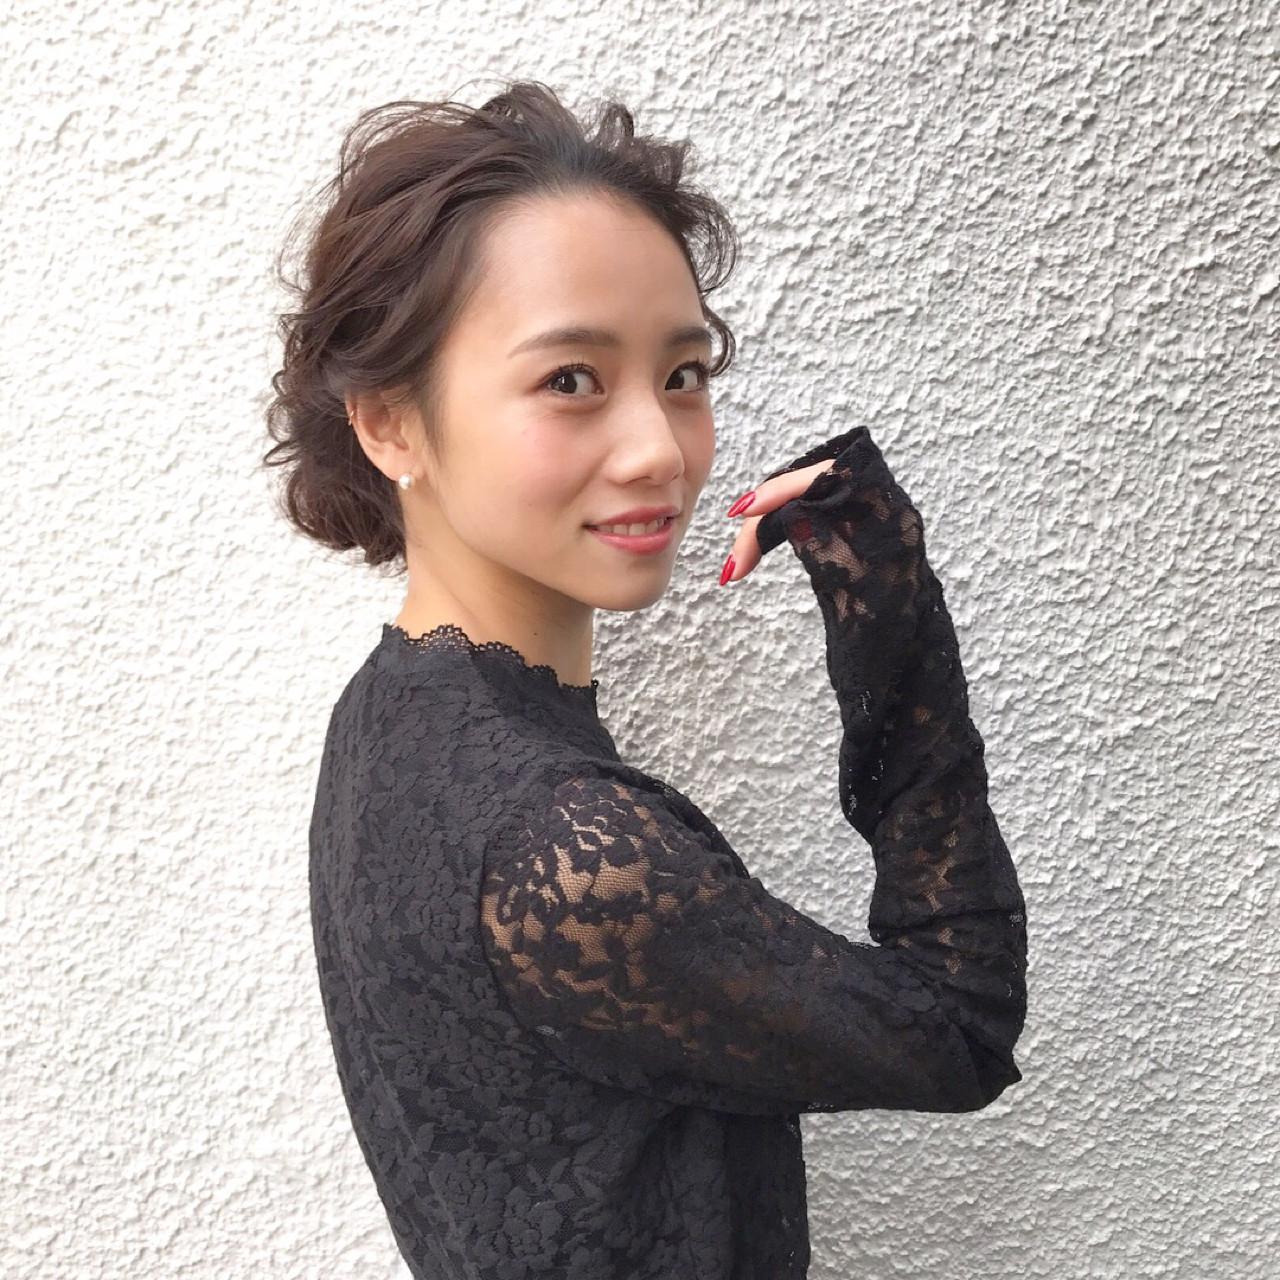 ヘアアレンジ アップスタイル 結婚式 ロング ヘアスタイルや髪型の写真・画像 | 三大寺 慶悟 / CHEST KOBE